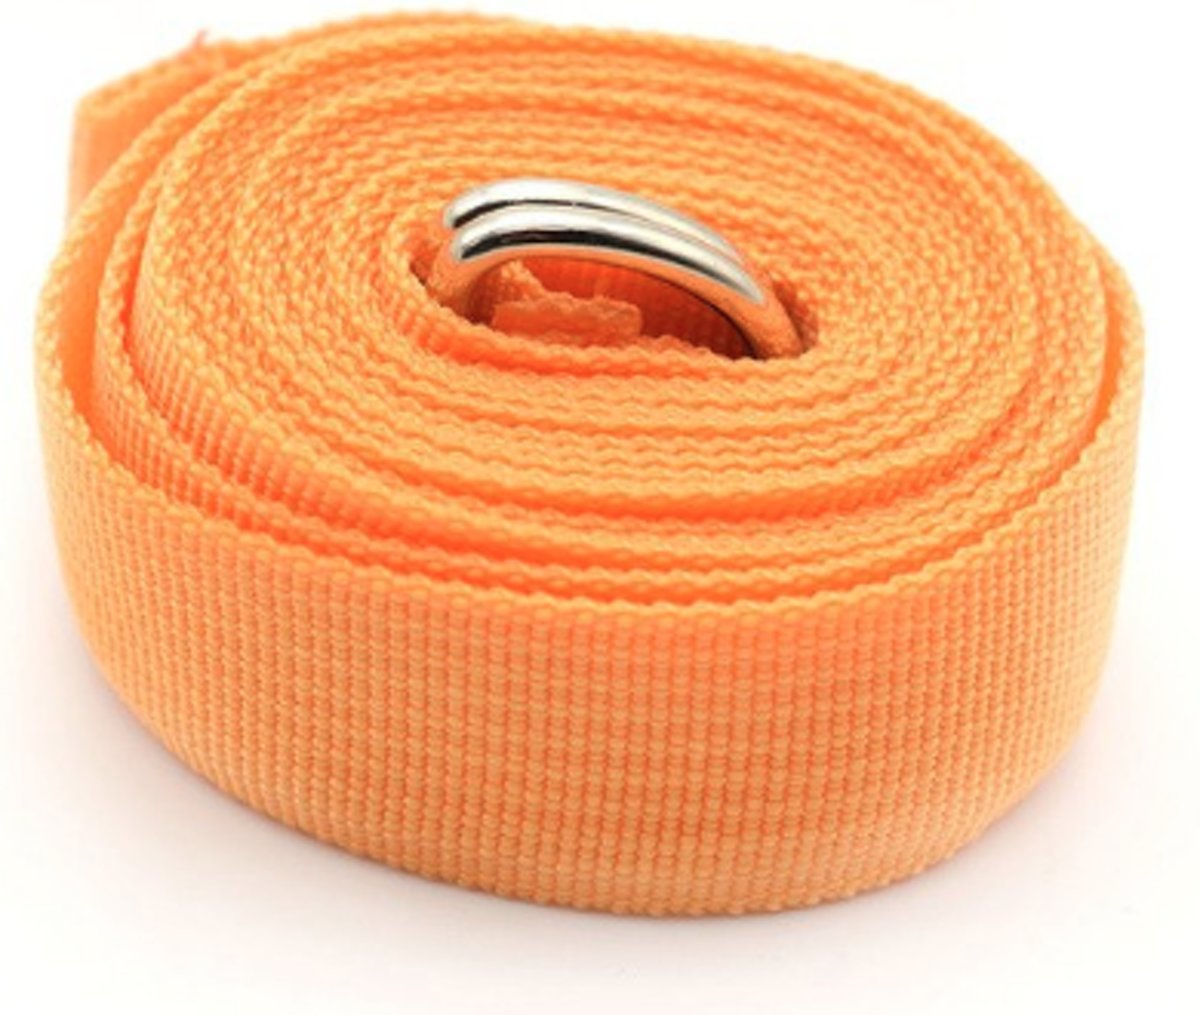 UnitedGoods Yoga riem oranje - yoga belt orange - 180 cm - katoen - cotton kopen